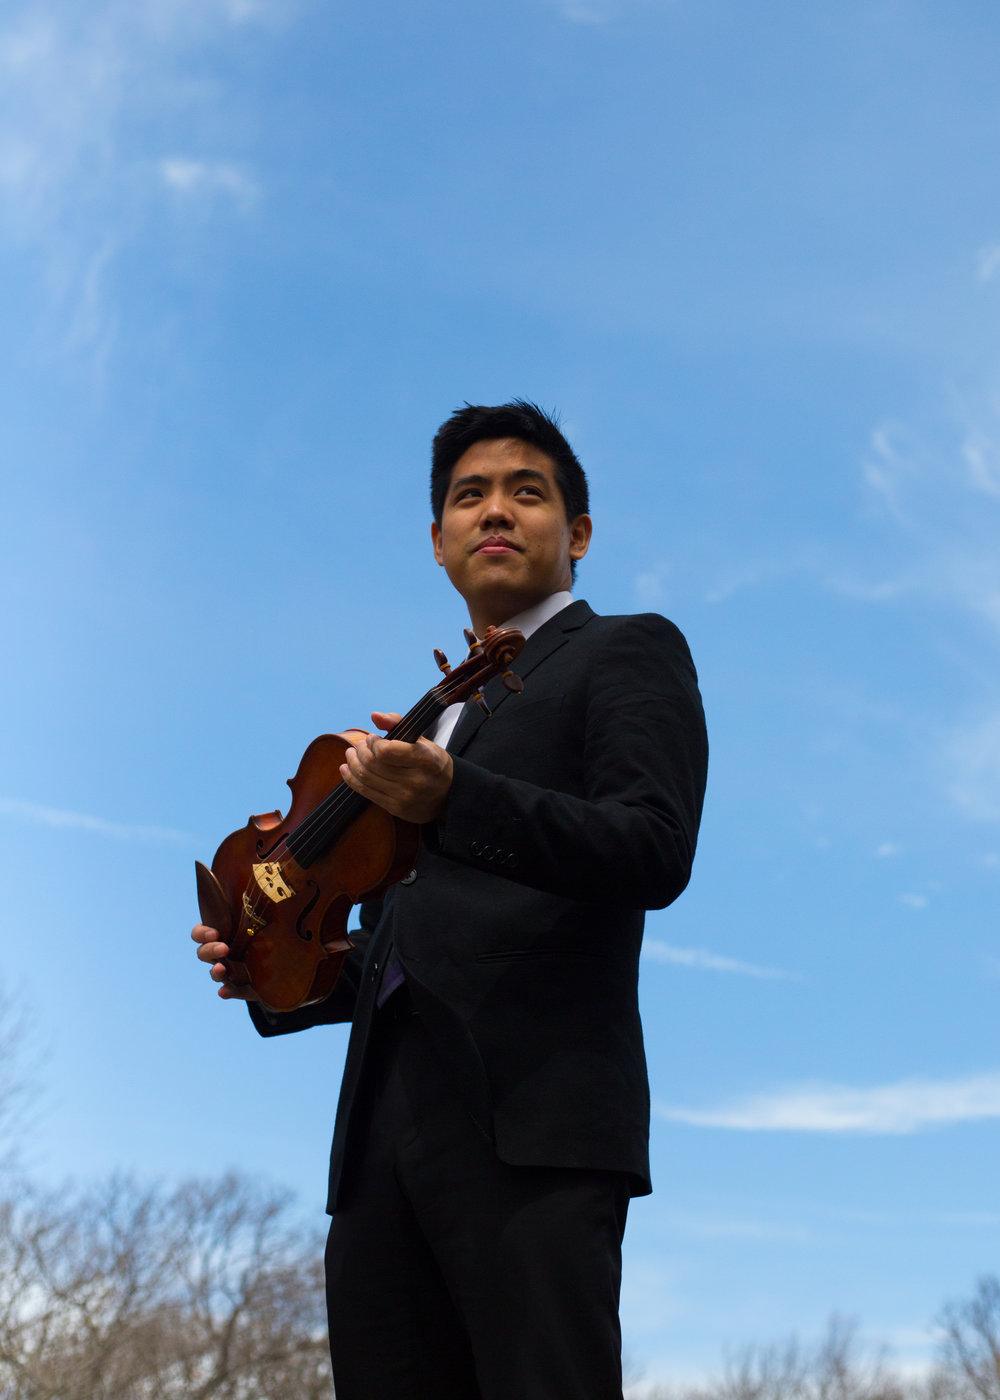 Zenas Hsu, Concertmaster